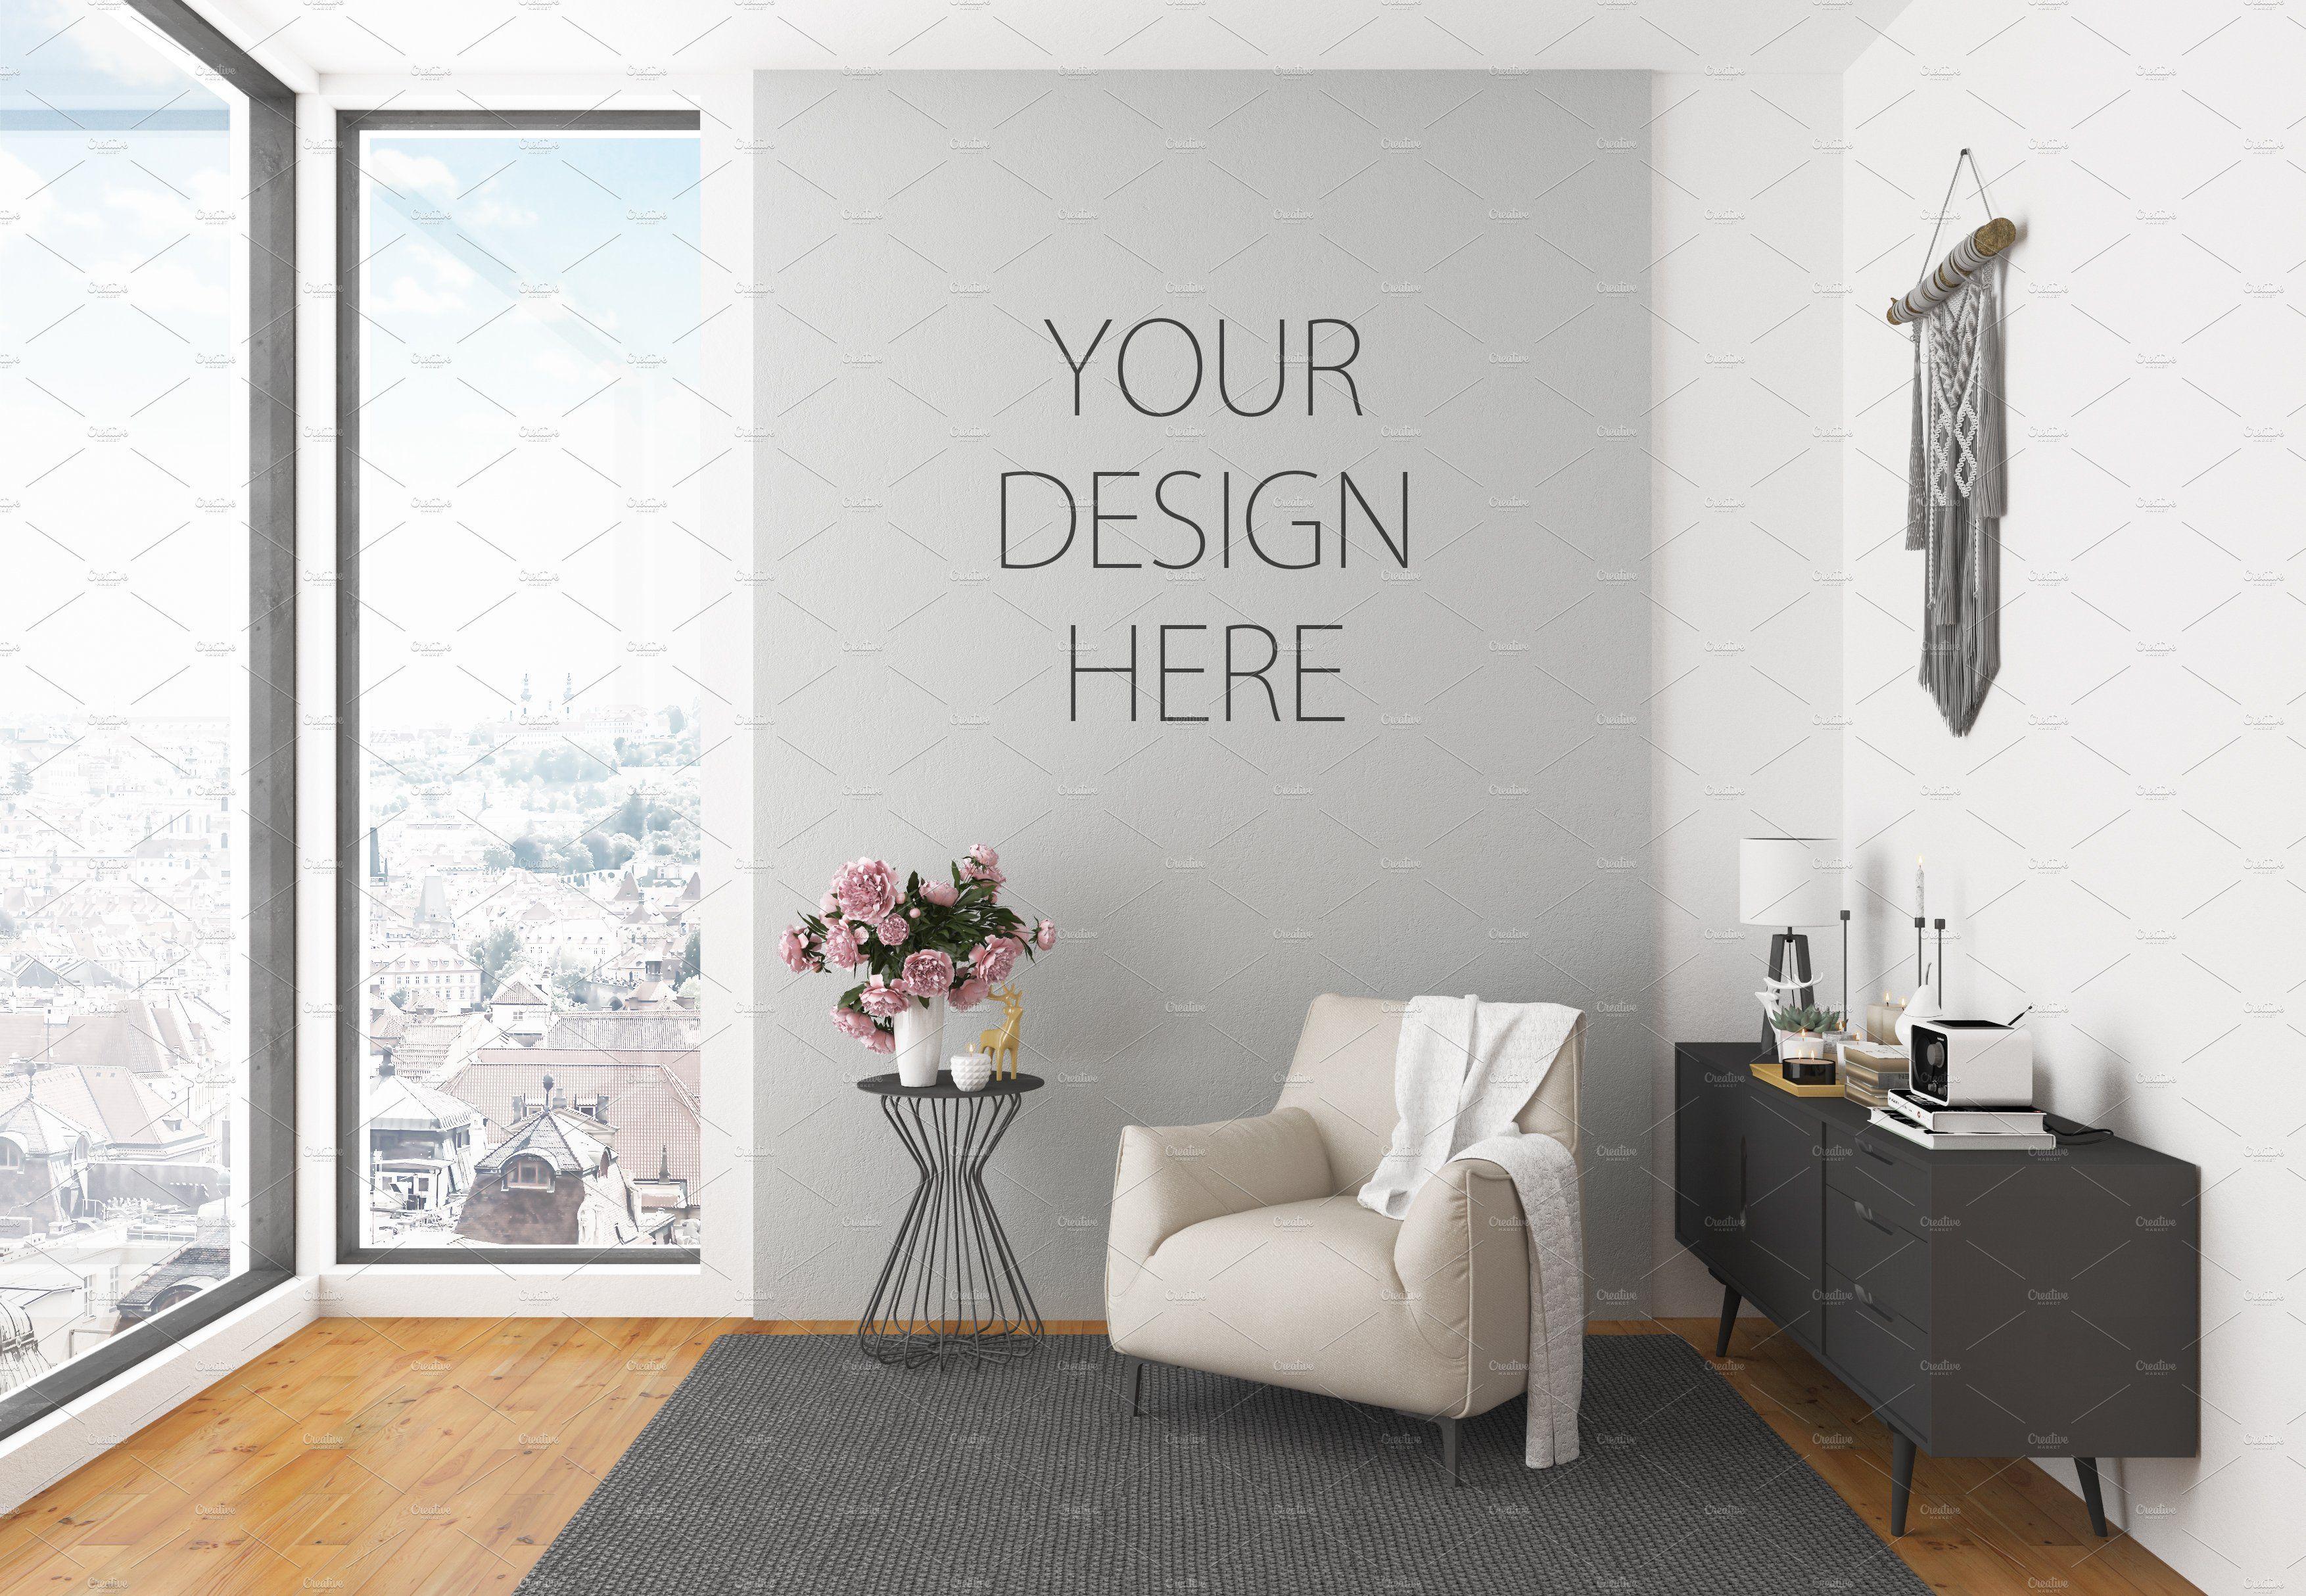 Interior Mockup Artwork Background Design Mockup Free Mockup Design Free Psd Mockups Templates